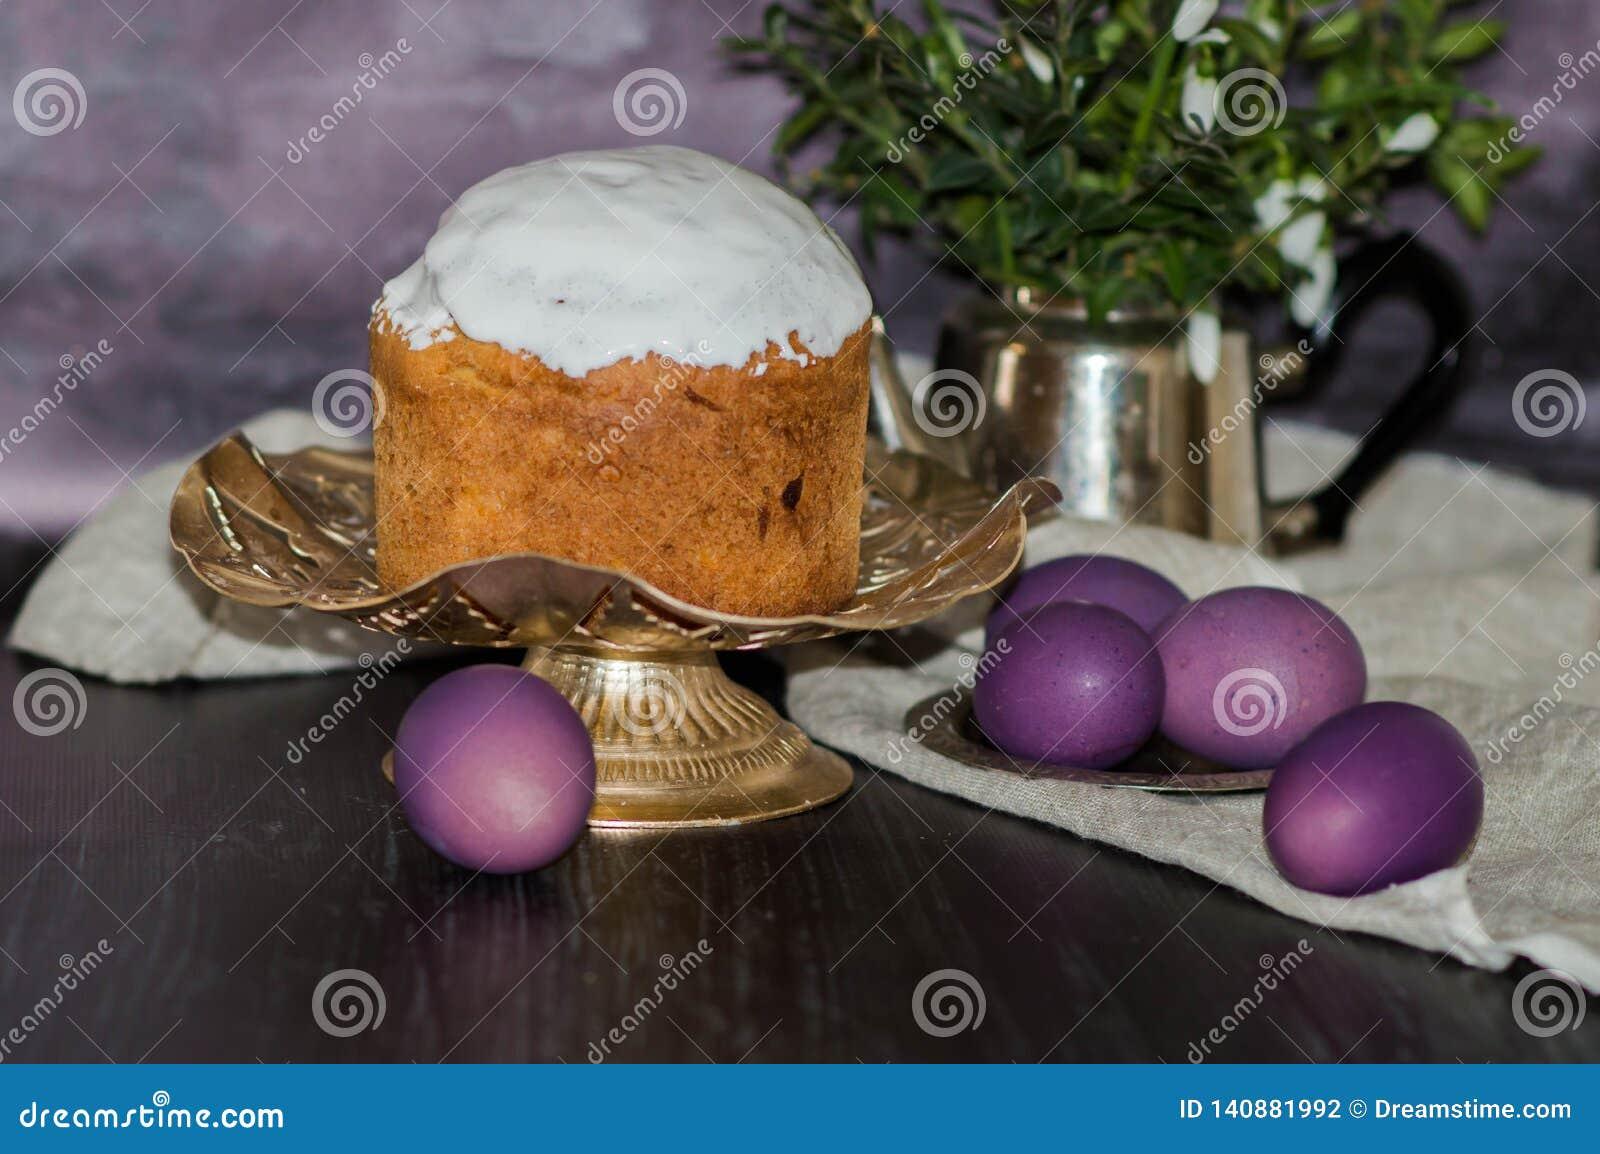 Backte frisch Ostern-Kuchen auf dem Küchentisch, der mit Zuckerglasur bedeckt wurde und Belag mit purpurroten Eiern verziert war